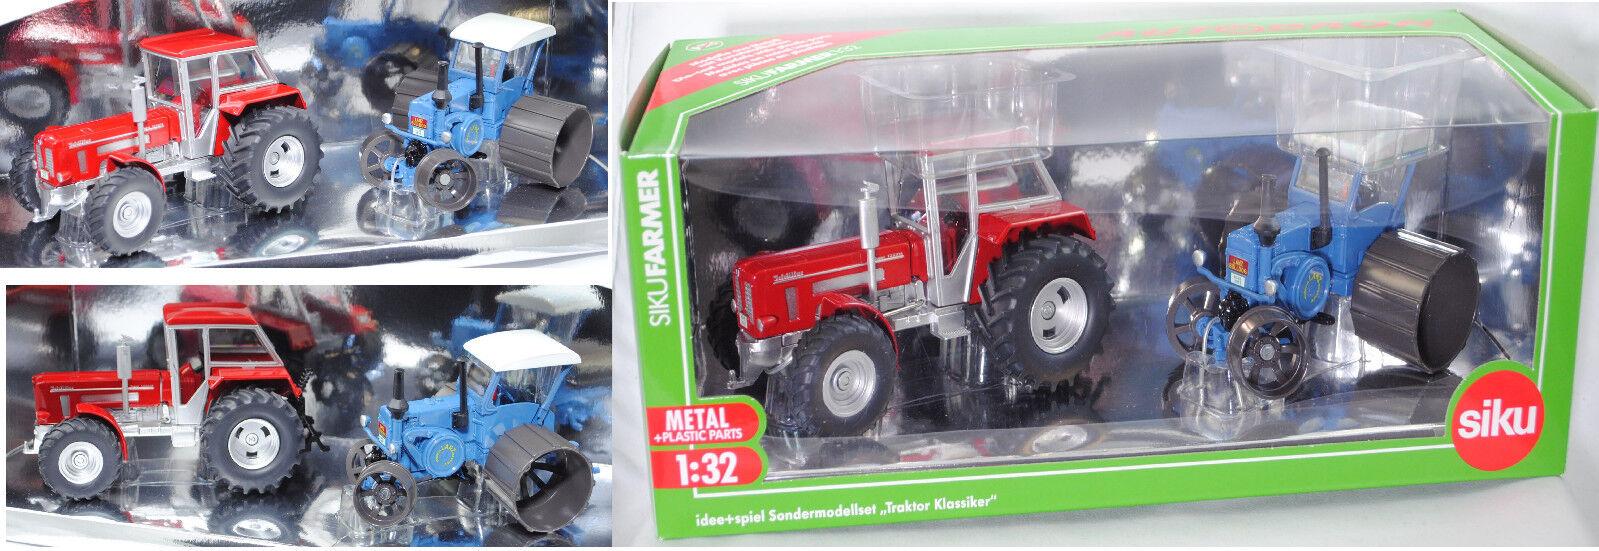 SIKU FARMER 8516 Set  Schlüter & LANZ 1 32 Spécial Modèle idée & jeu AUTODROM ®